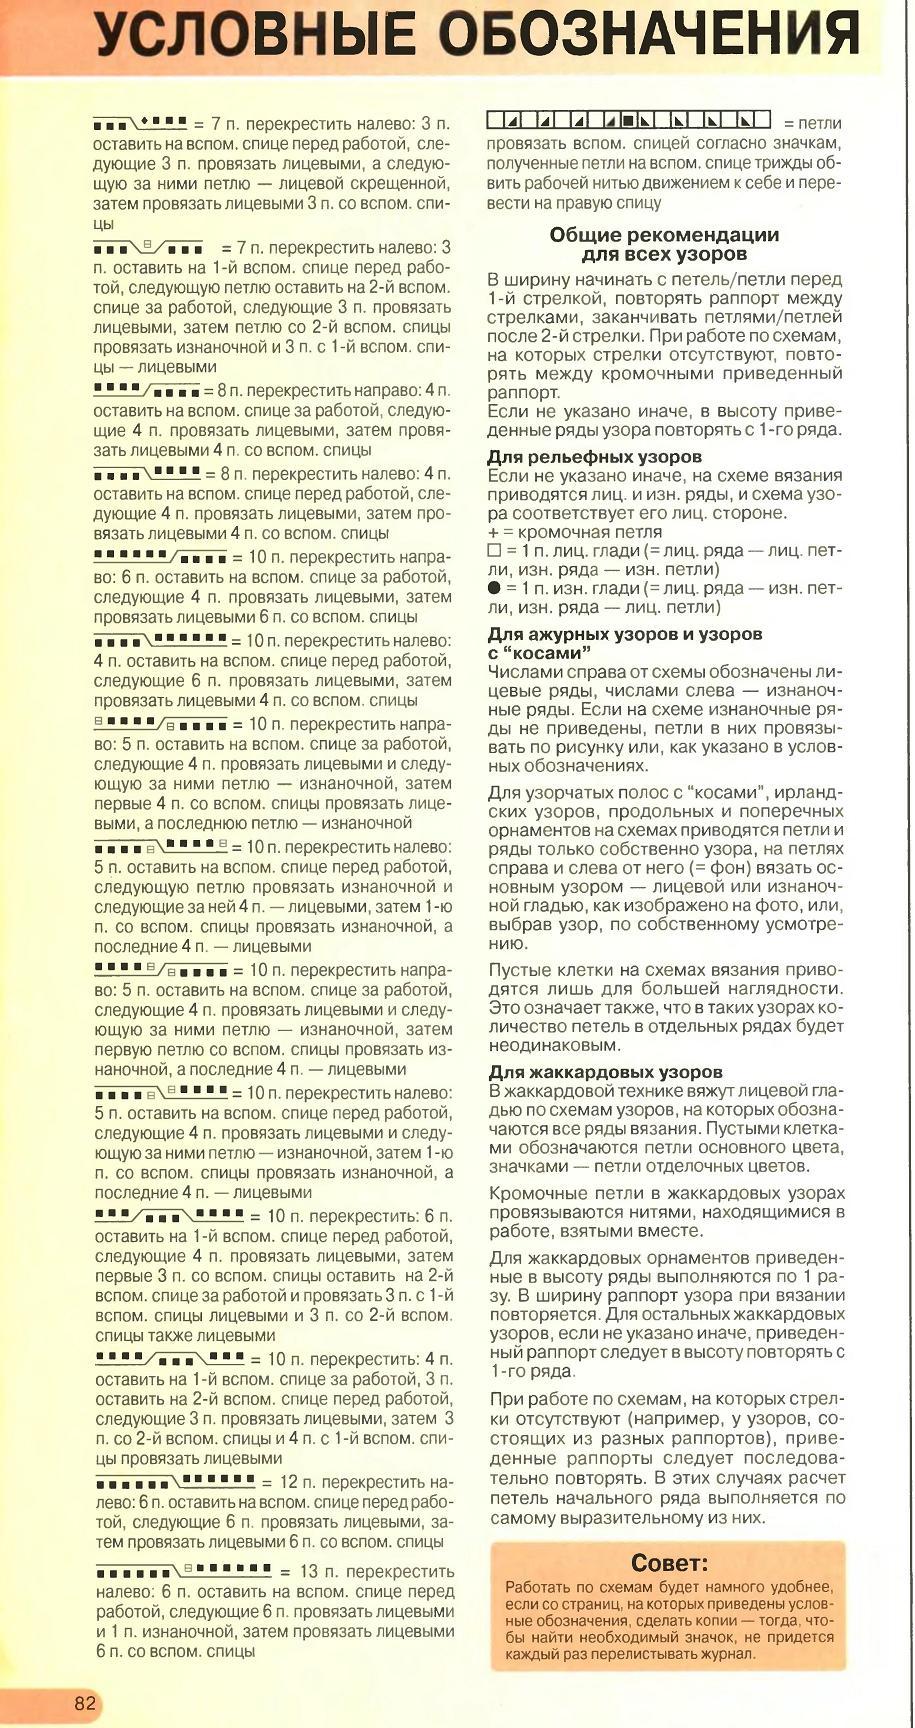 Условные обозначения при вязании спицами из журнала бурда